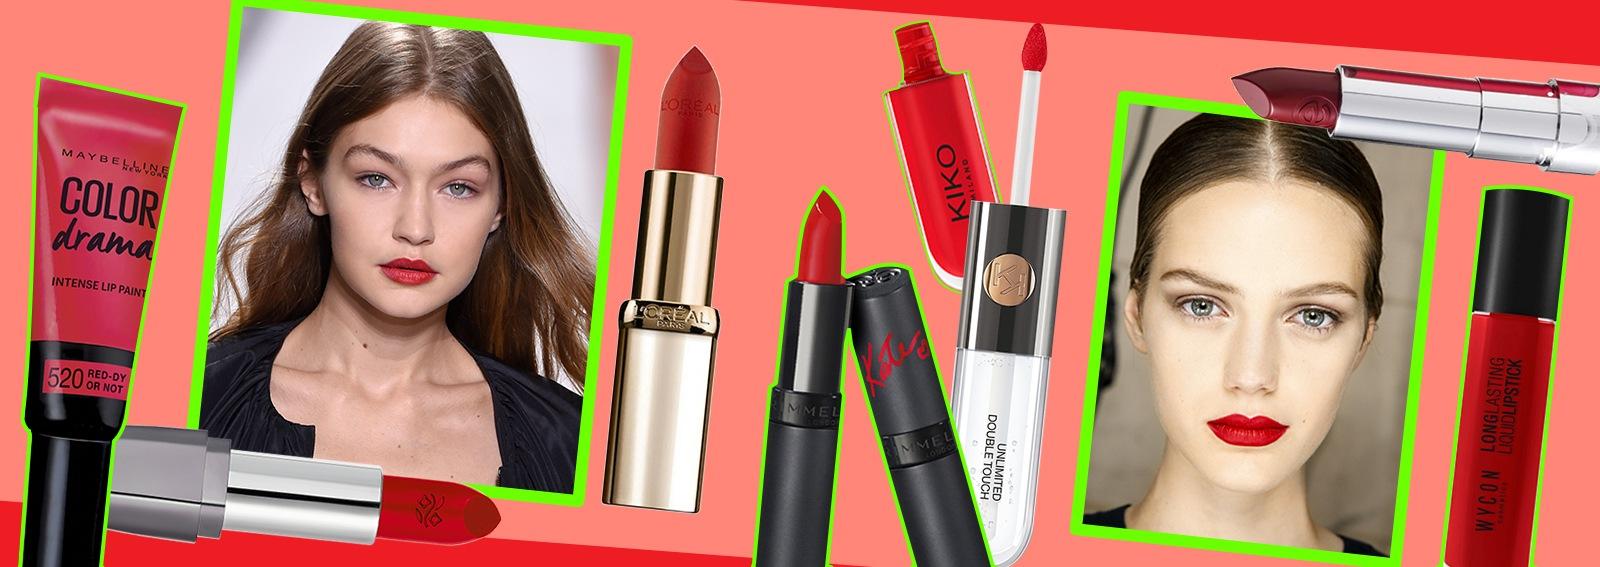 migliori rossetti rossi low cost collage_desktop